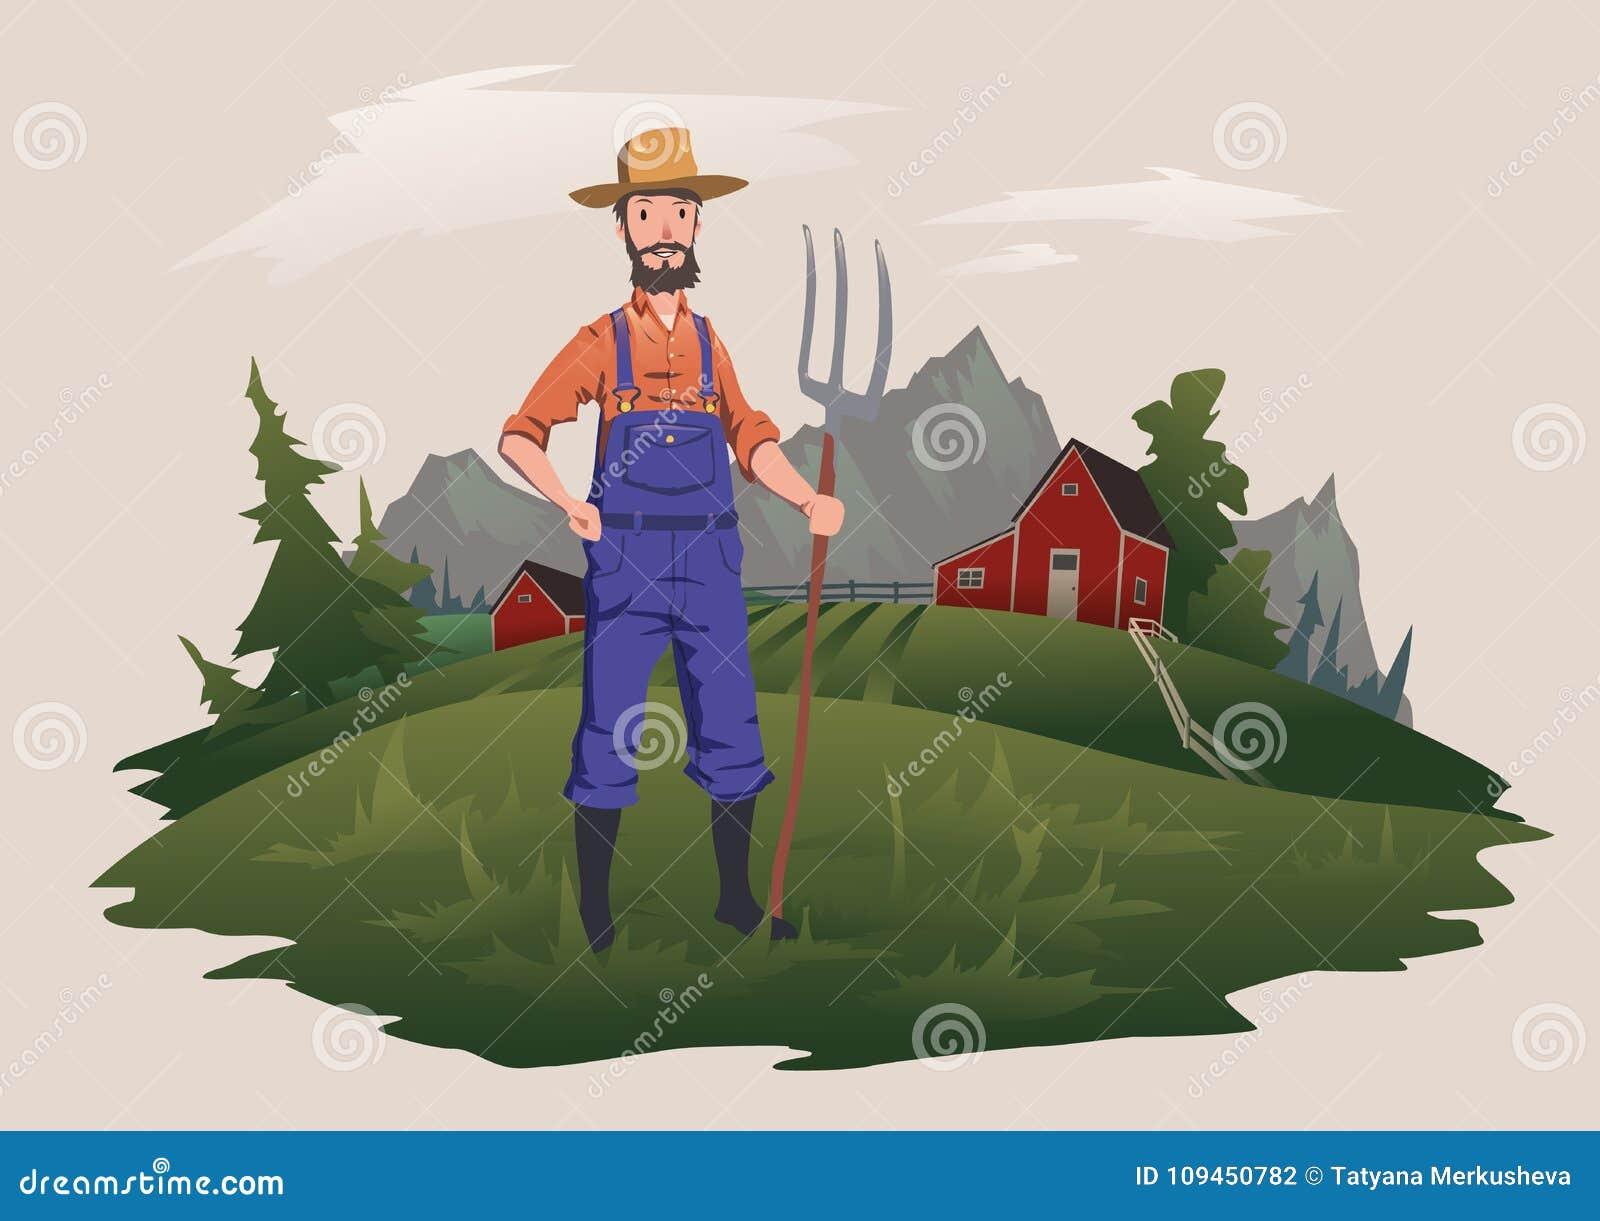 Średniorolna pozycja z pitchfork na gospodarstwie rolnym Halny wiejski krajobraz w tle Ranchman charakter, wektor